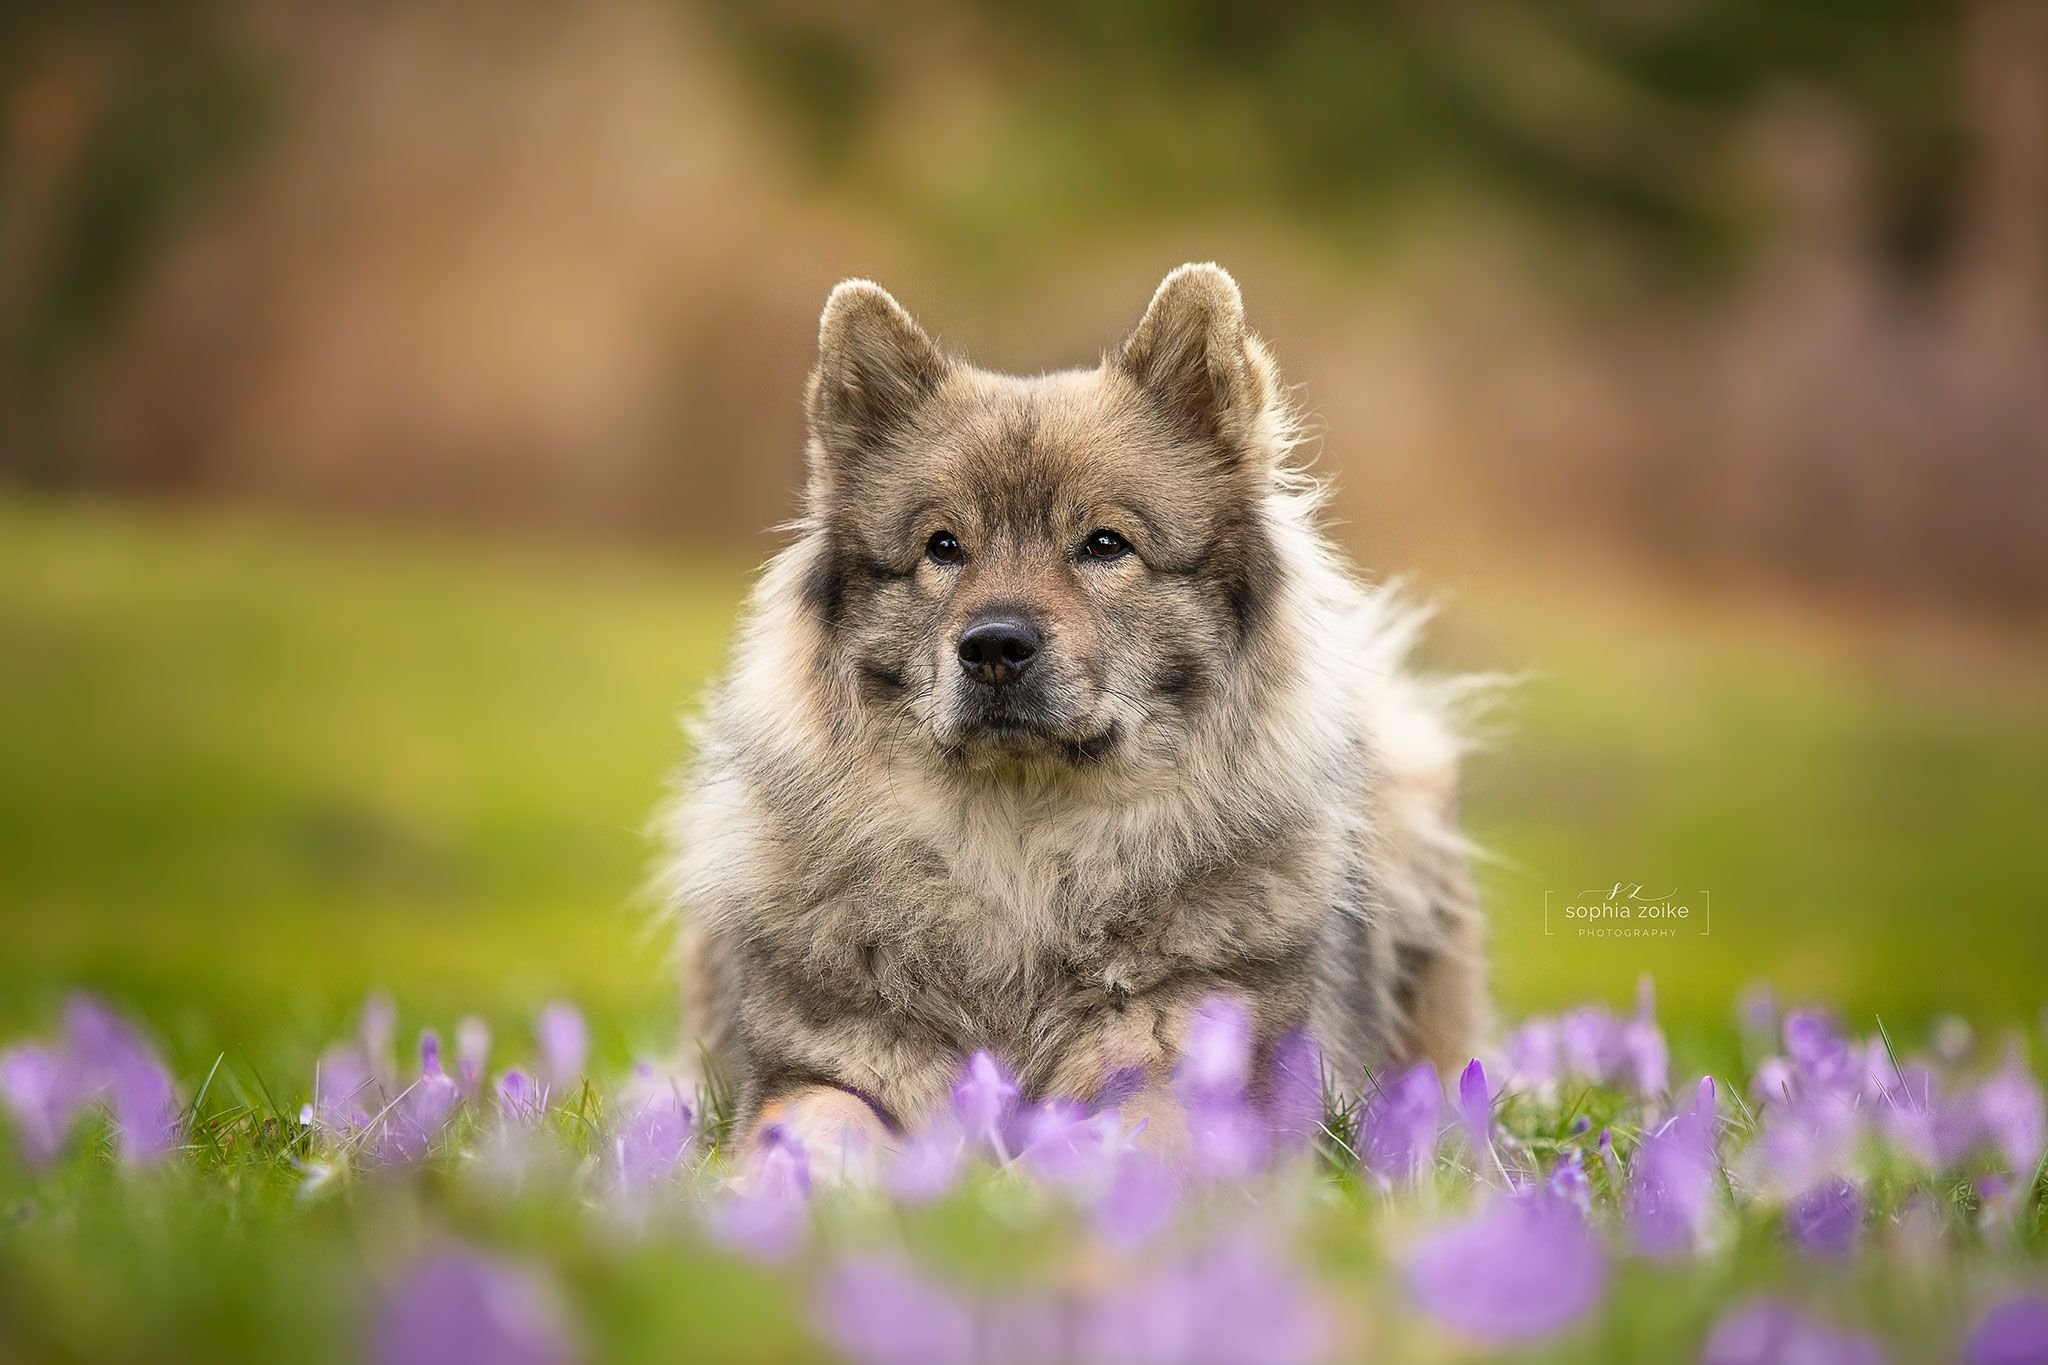 Nike Habe Ich Bei Einem Treffen Mit Einer Influencerin Bellzaubernd Instagram Kennengelernt Nike Ist Ein Eurasier Wolfhund Hunde Hundefotografie Eurasier